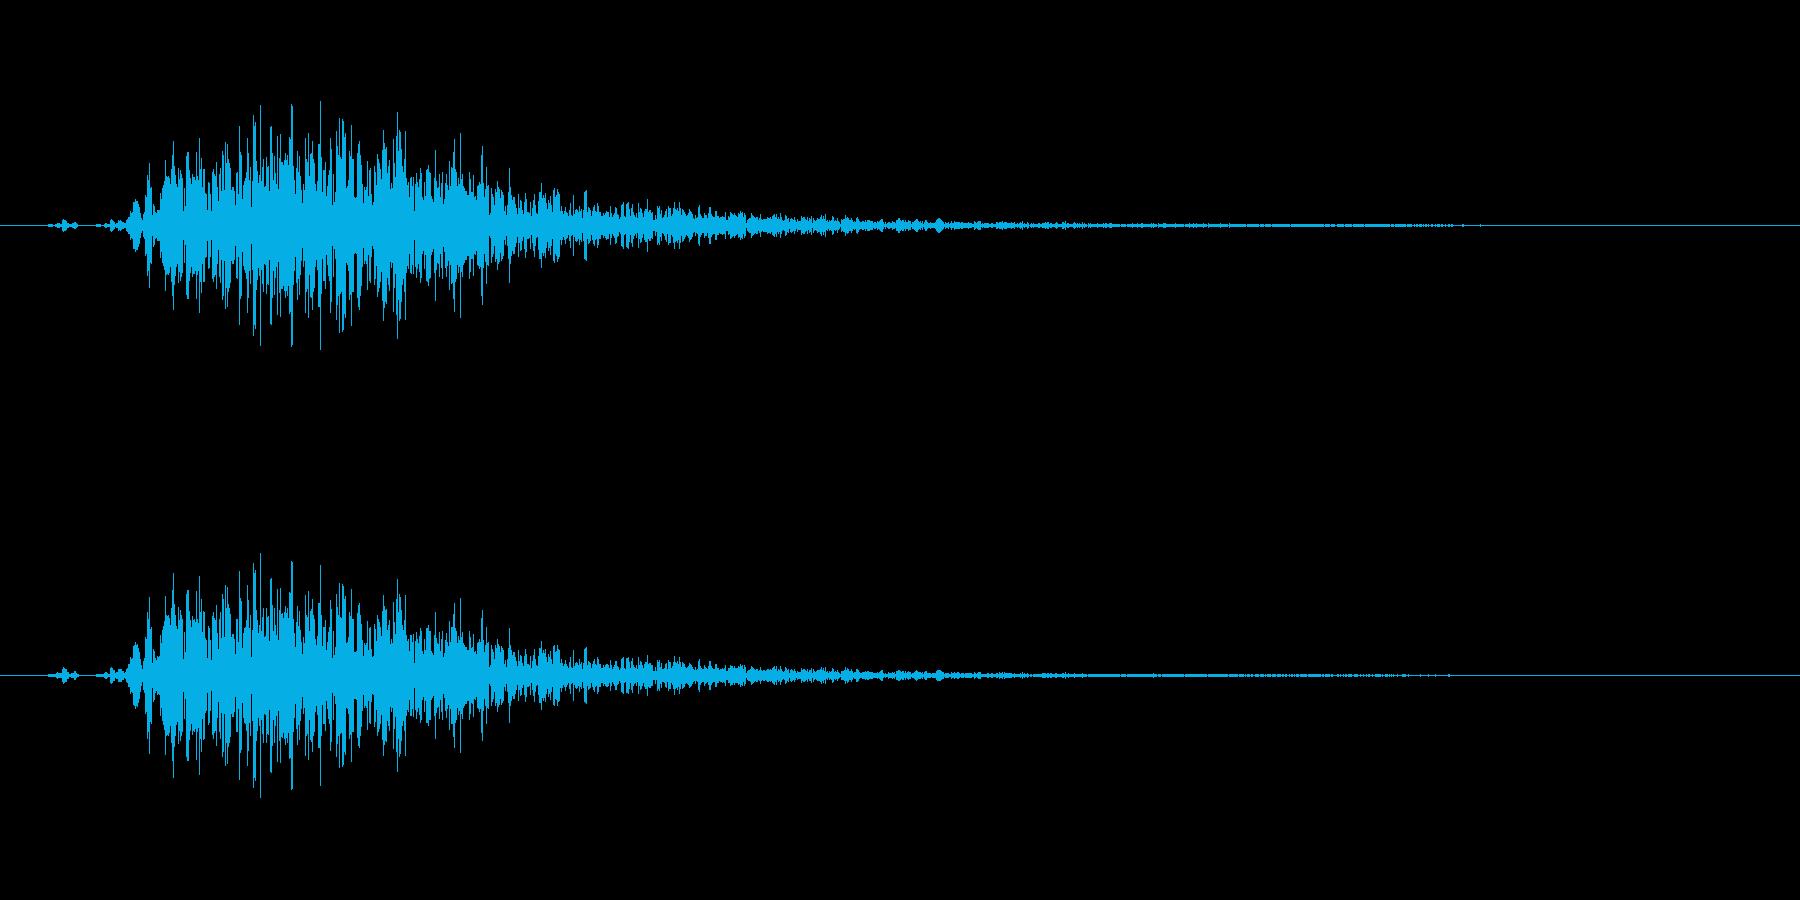 〖ゴルフ〗ドライバーのスイング効果音ですの再生済みの波形